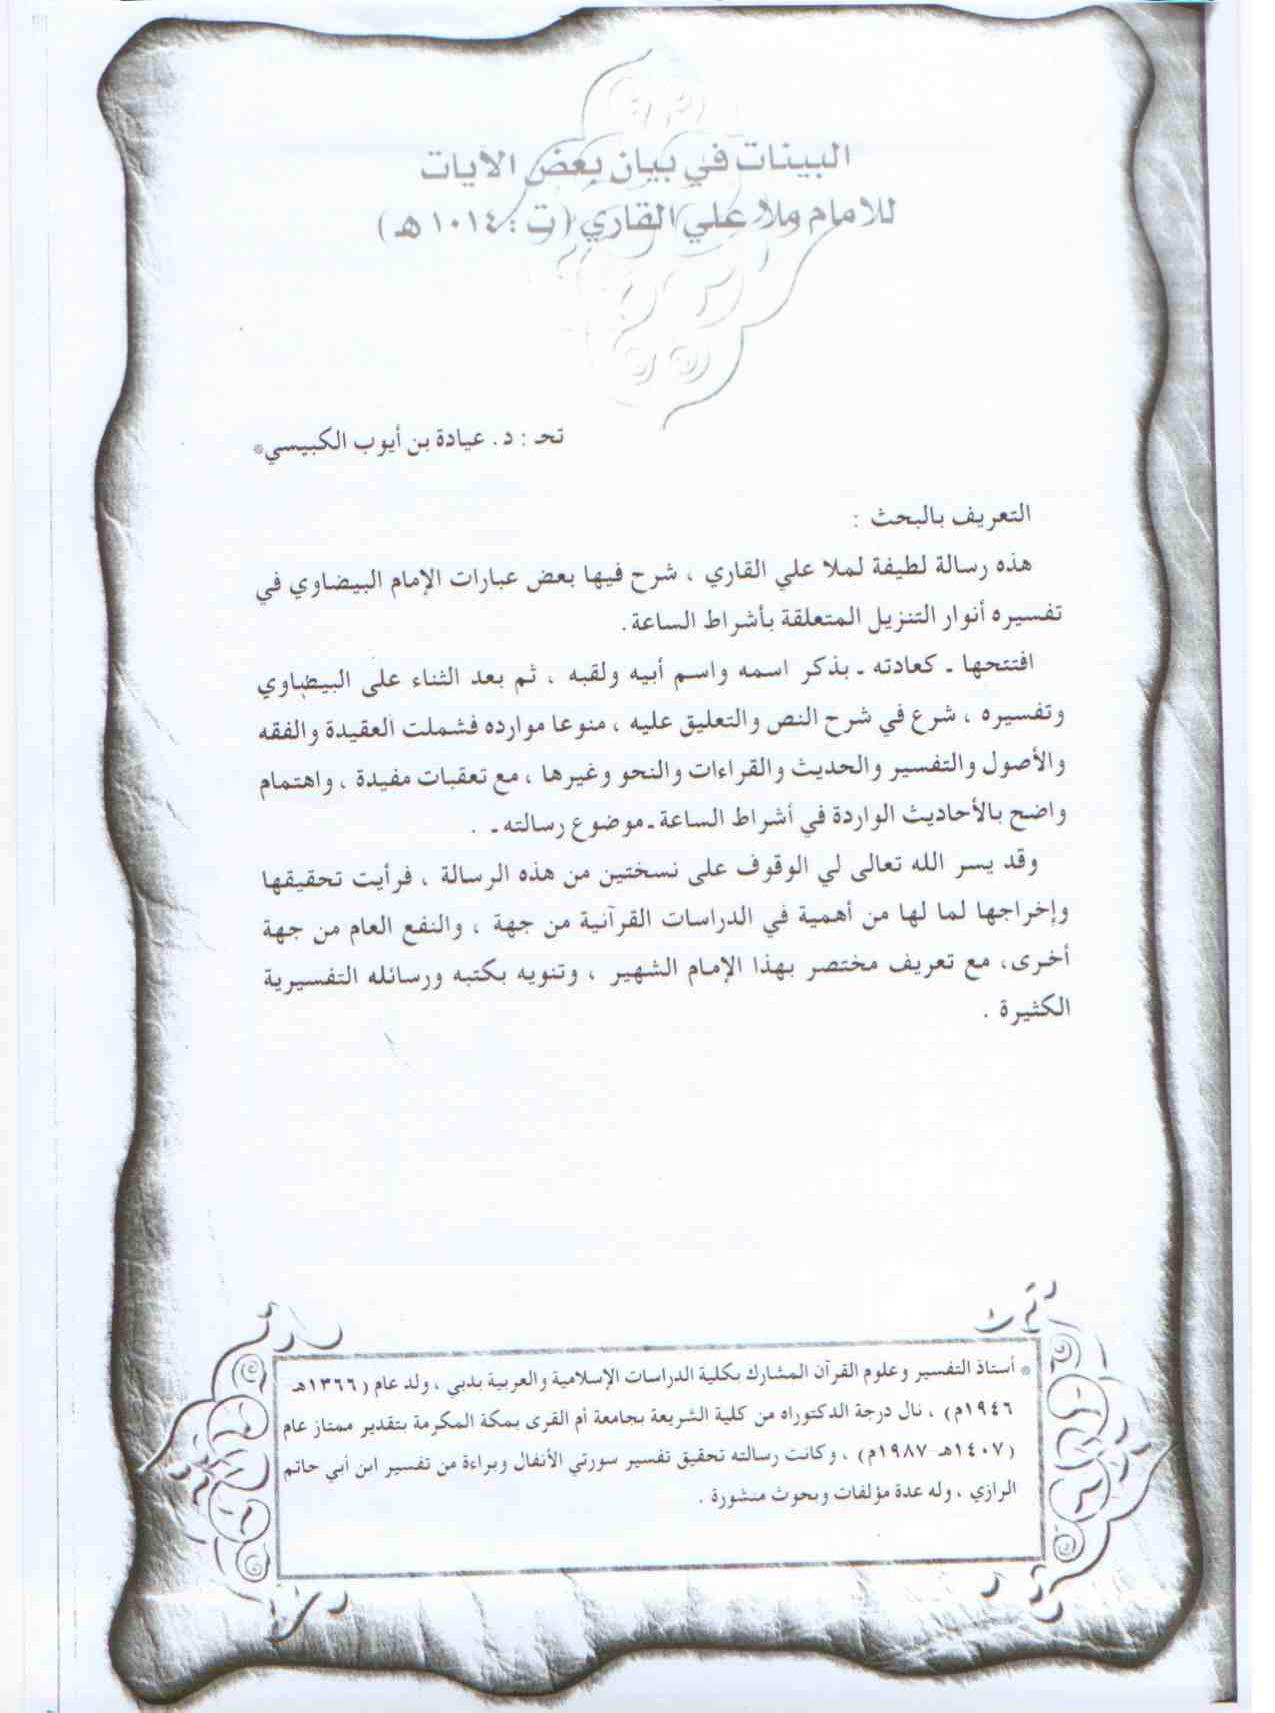 البينات في بيان بعض الآيات - نور الدين أبو الحسن علي بن سلطان محمد، الملا الهروي القاري (ت 1014)